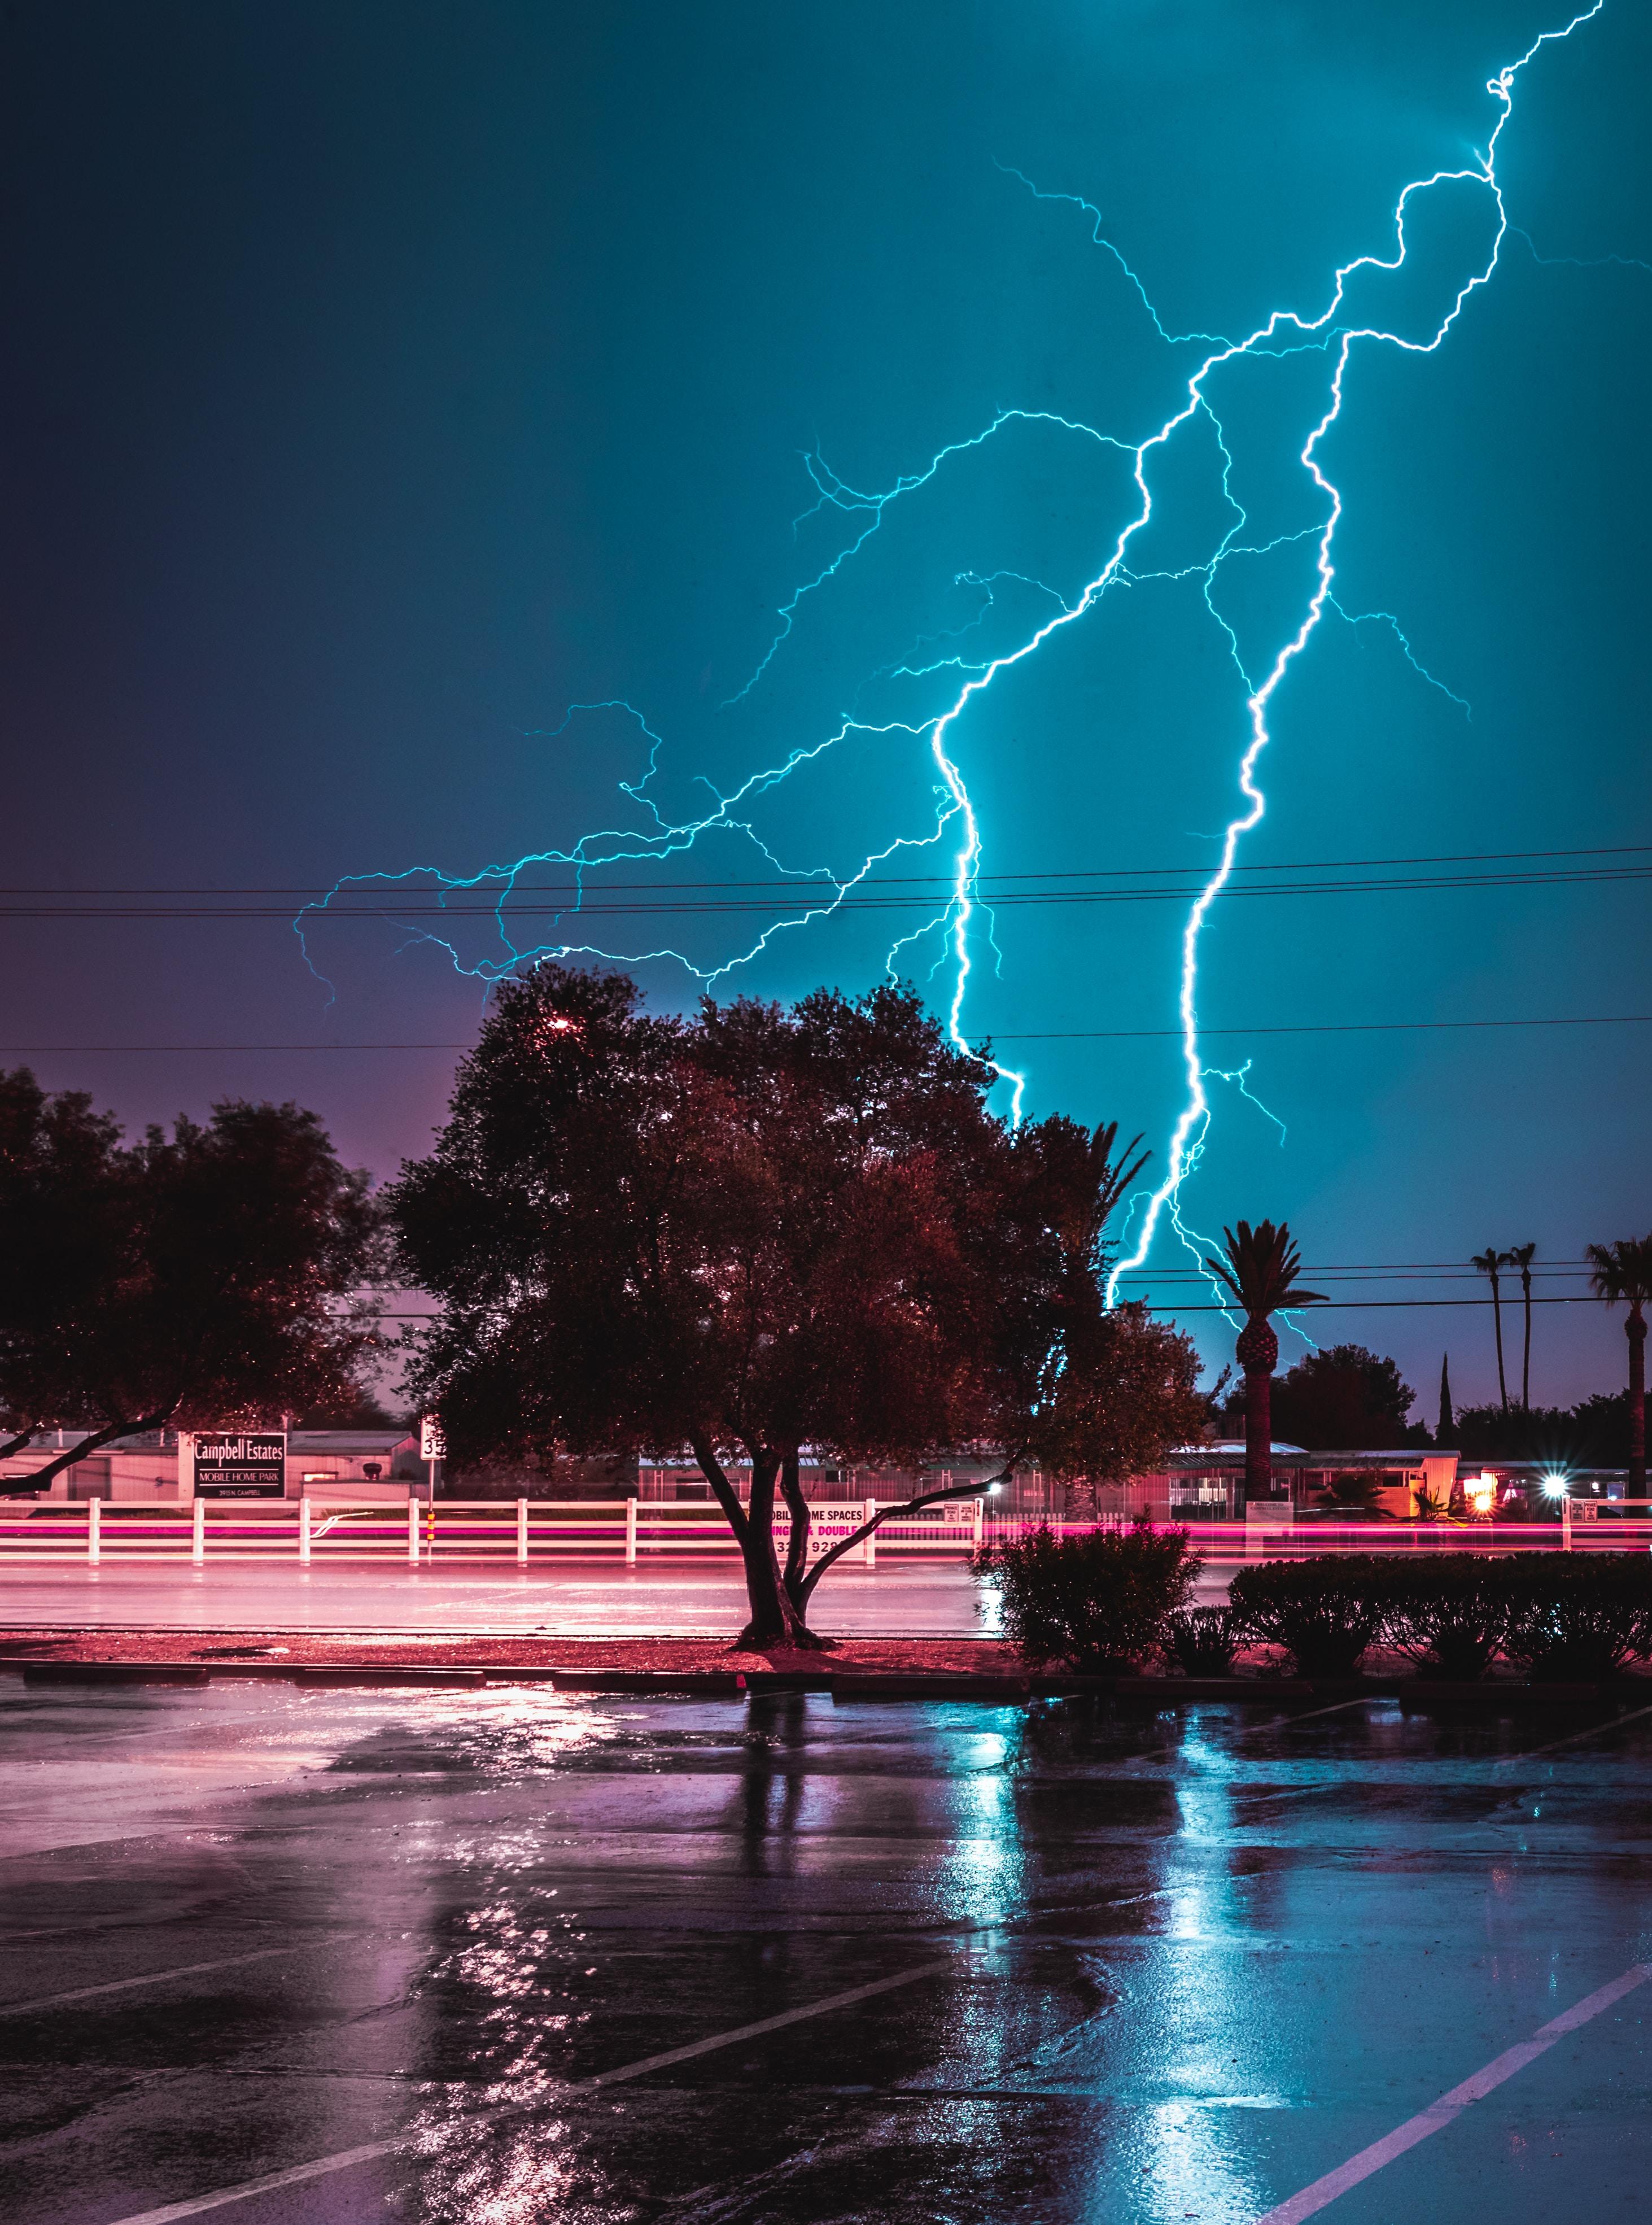 500 Lightning Images Download Free Images On Unsplash